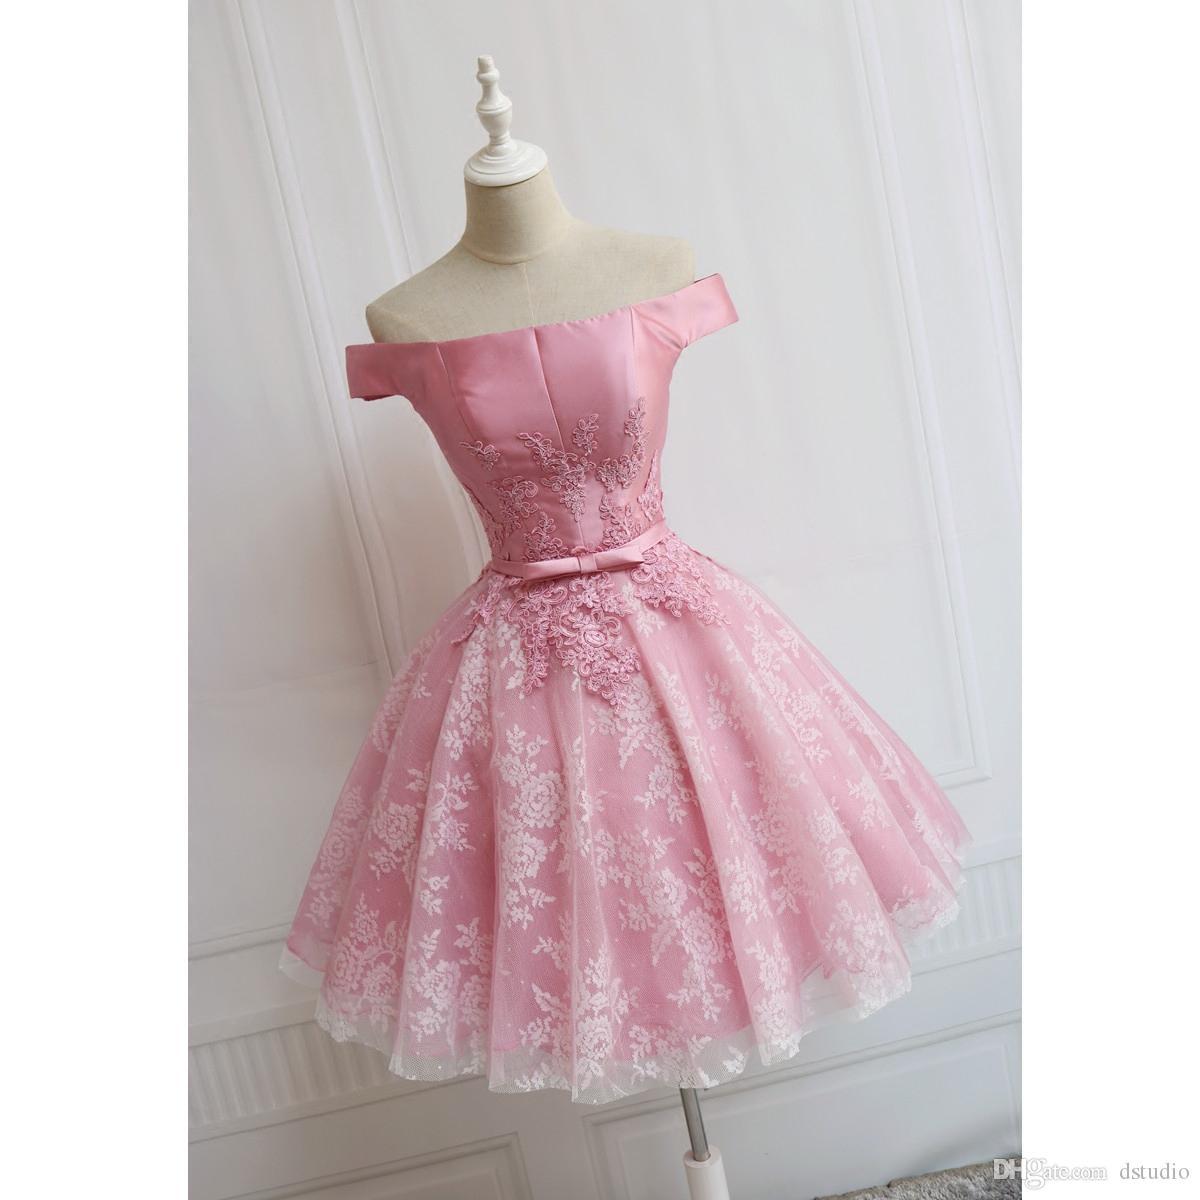 Пышные розовые платья выпускного вечера без бретелек с атласной длиной до колен с кружевным тюльпаном для вечеринки для вечеринок с кружевами / застежка -молния с коктейлем